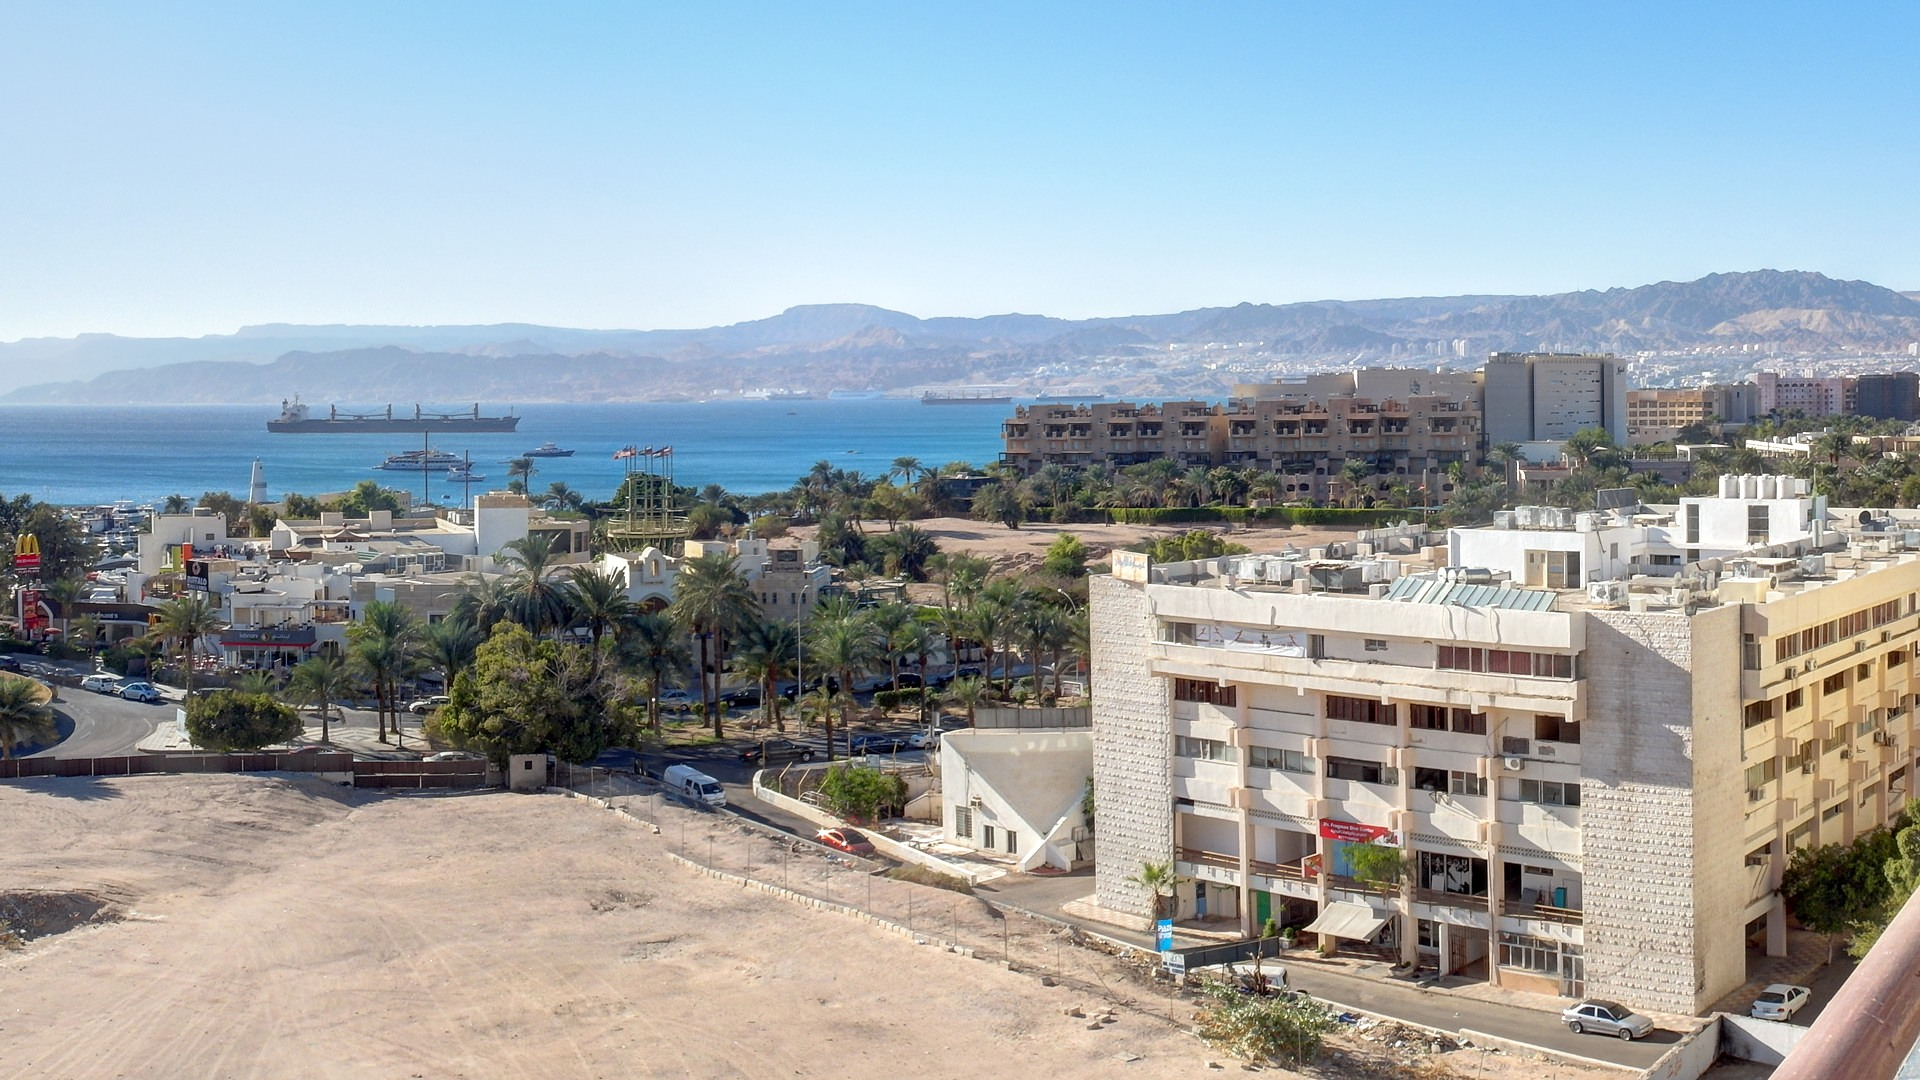 залив Акаба, Иордания